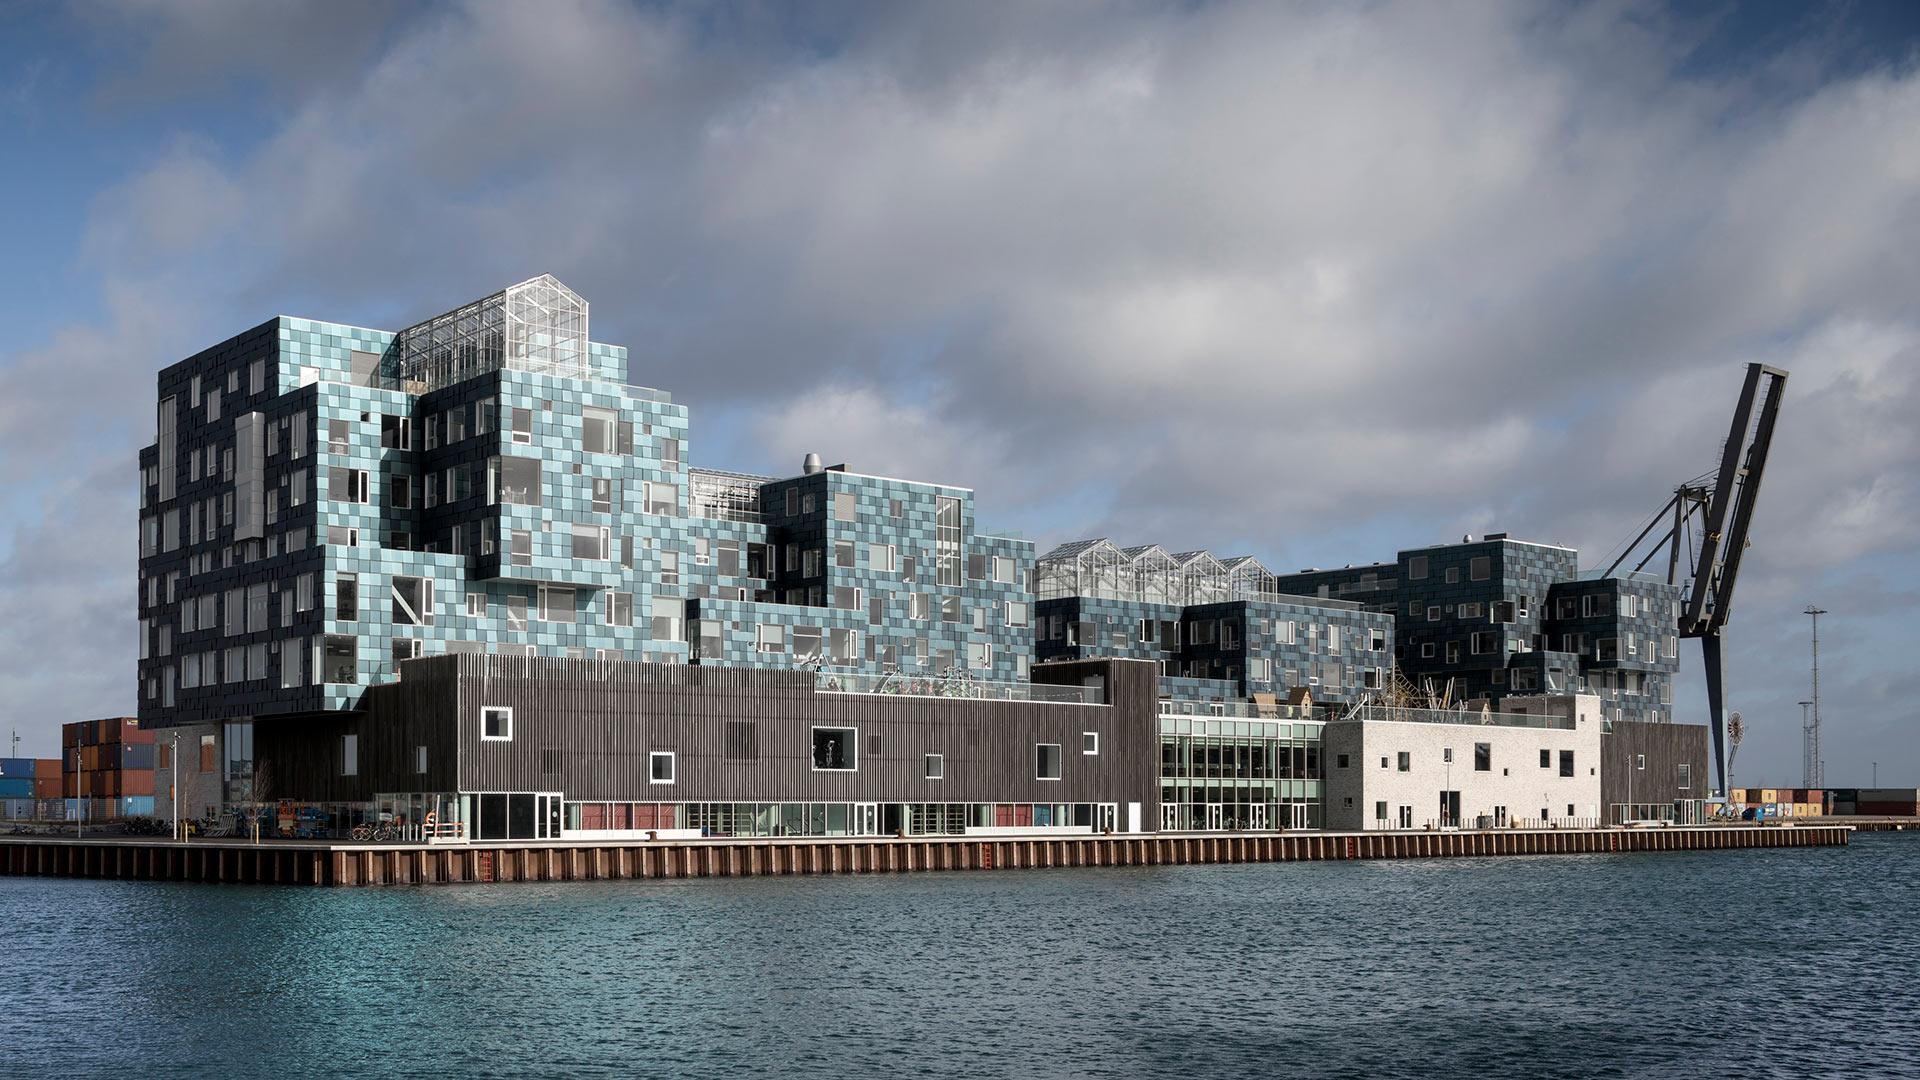 Hochmodernes, oben türkisfarbenes Gebäude an einem Hafenbecken